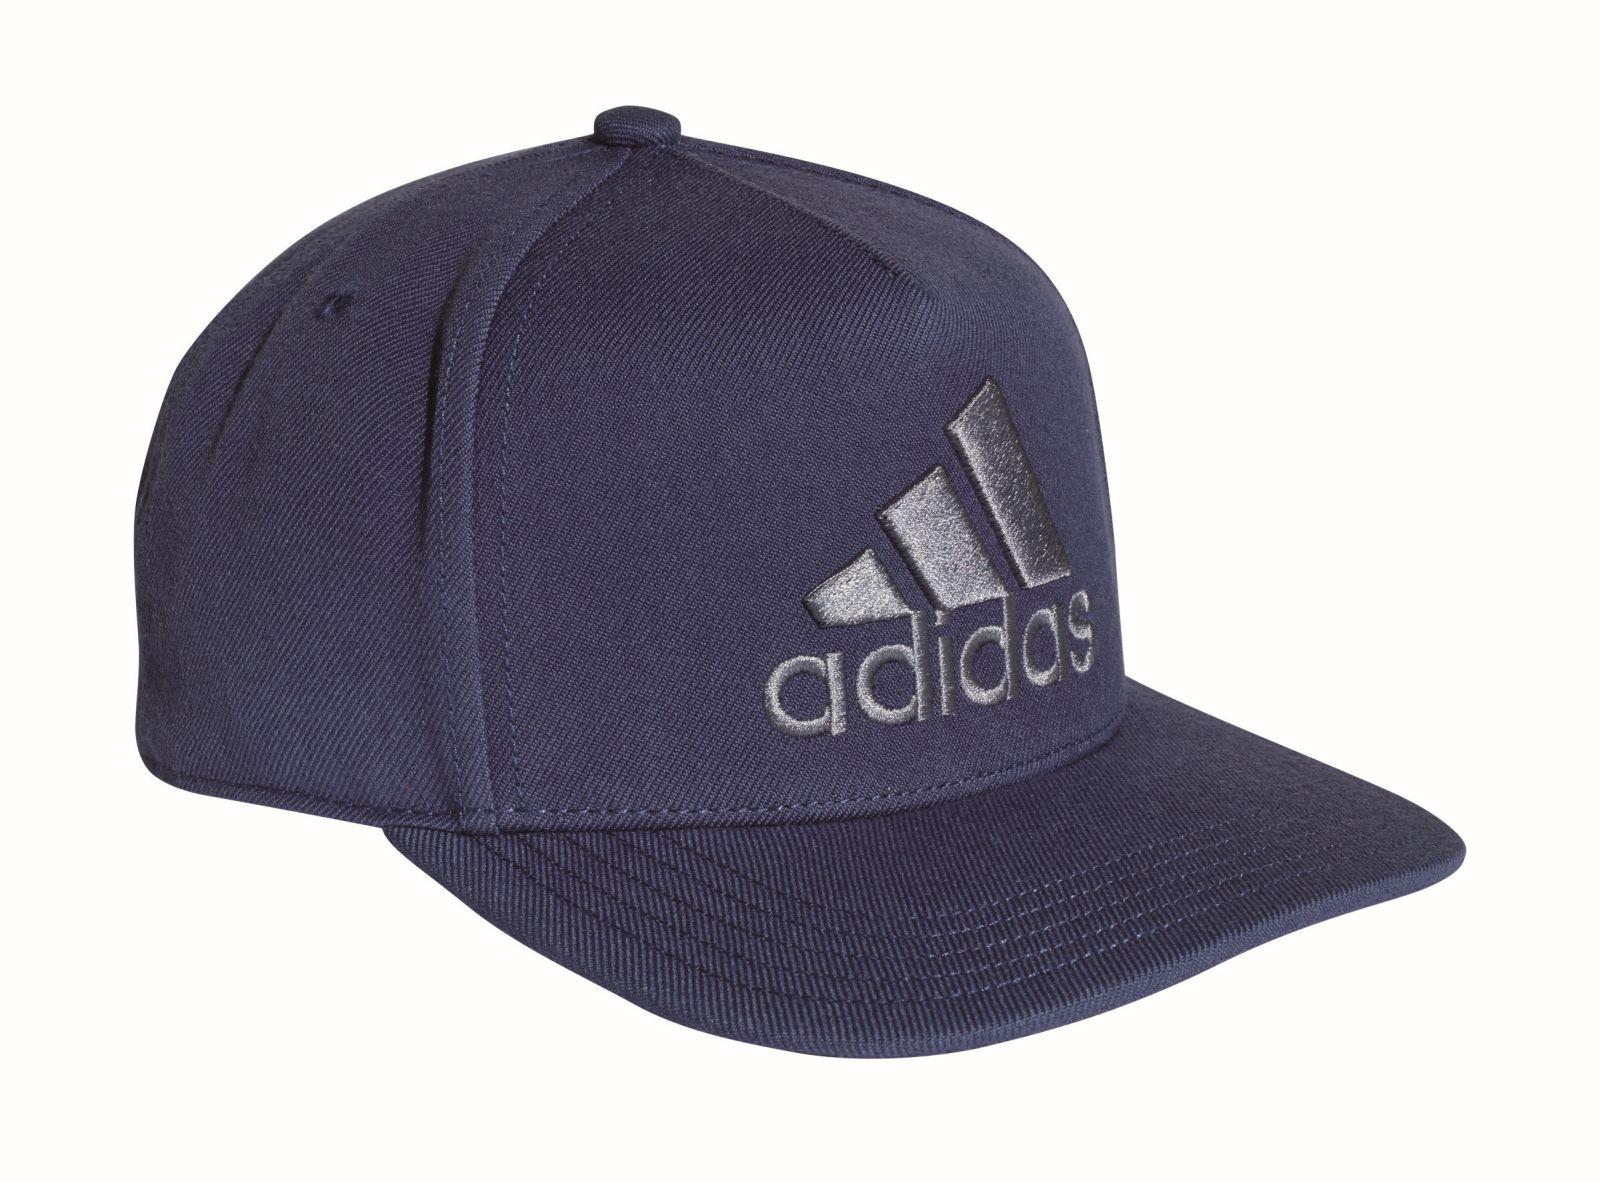 adidas herren sport freizeit basecap h90 logo cap blau indigo. Black Bedroom Furniture Sets. Home Design Ideas